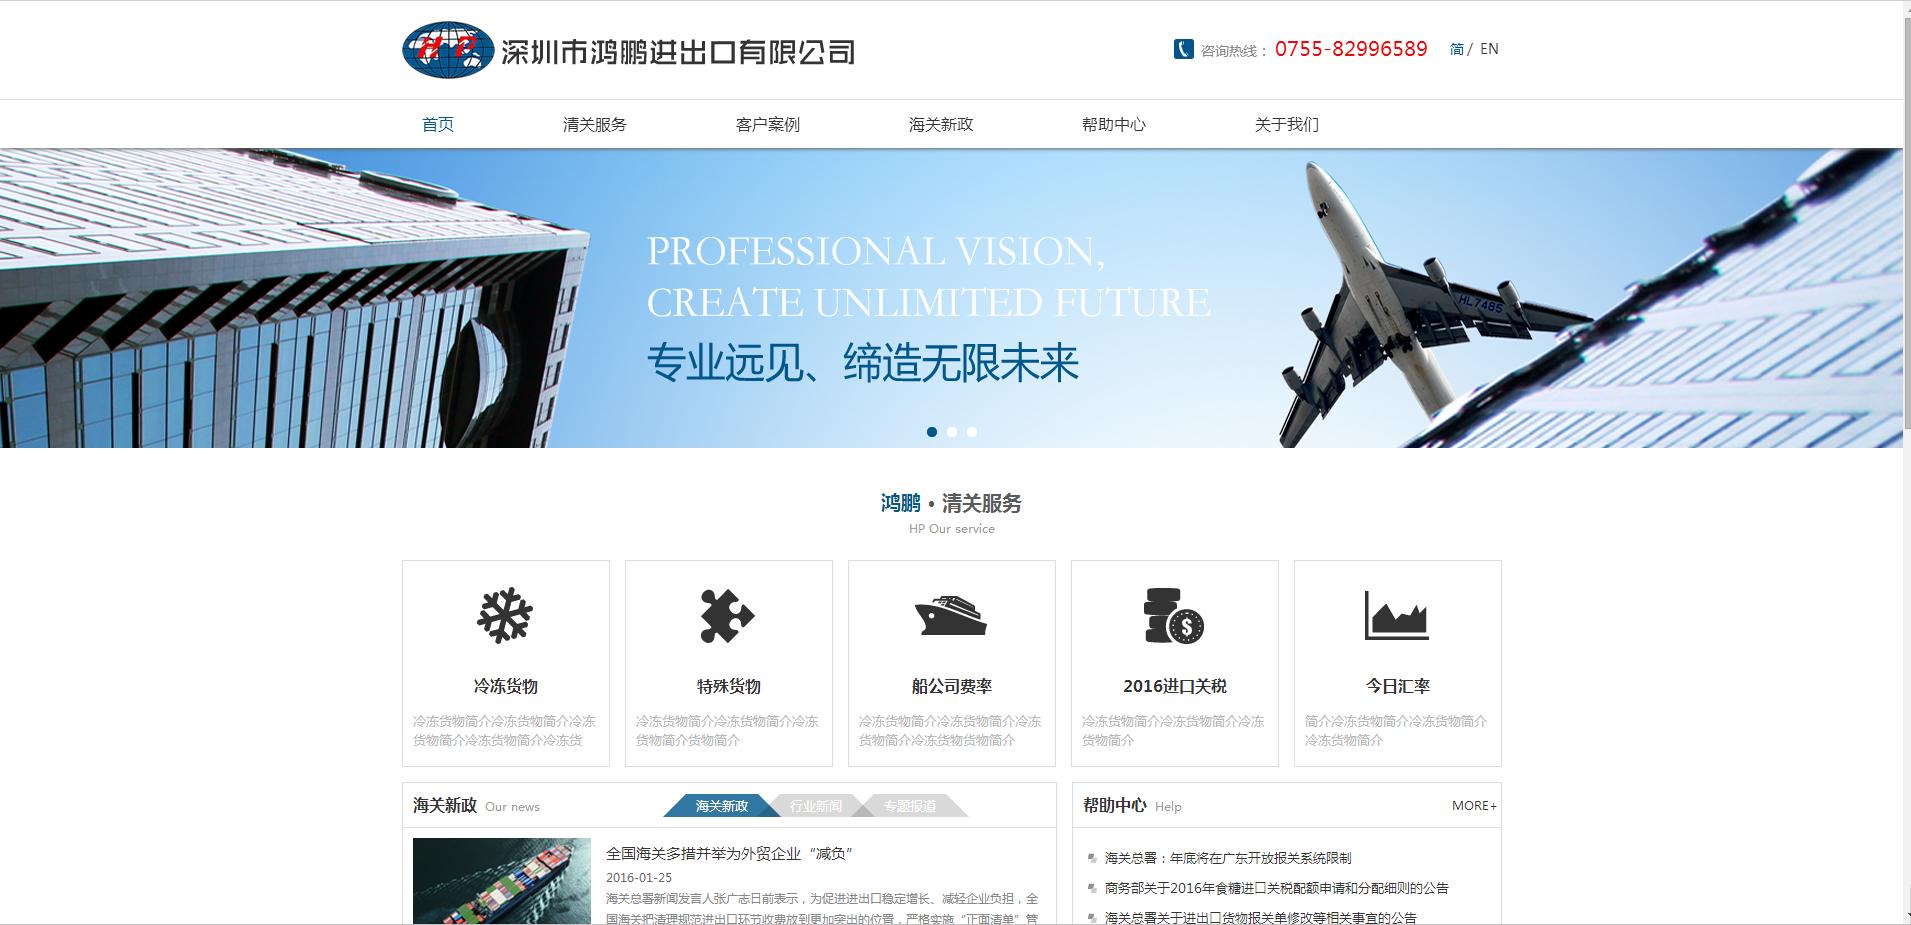 响应式进出口企业官网网模板下载